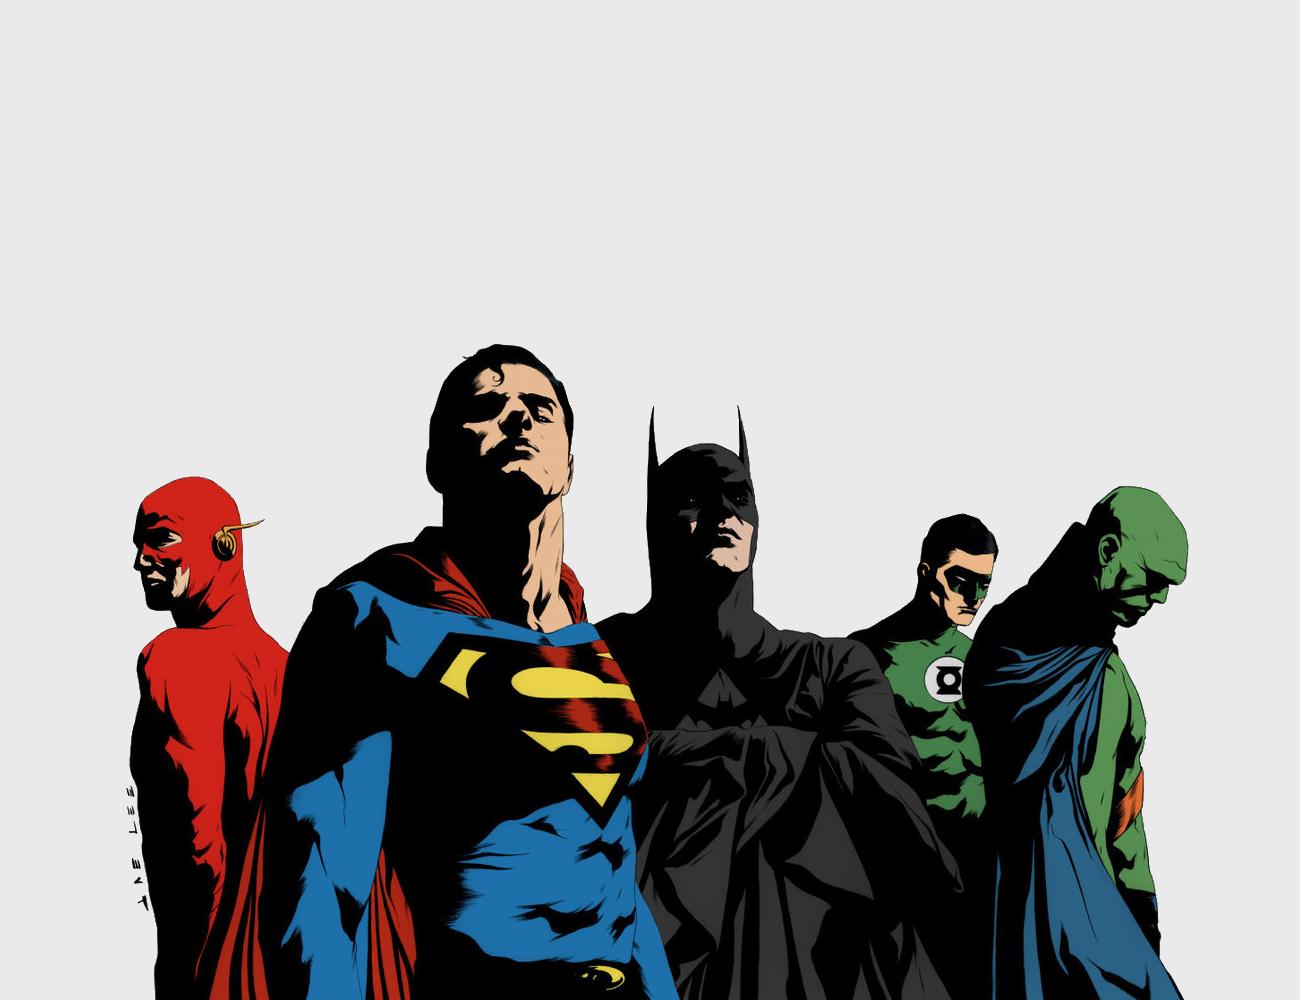 Superhero Computer Wallpapers Desktop Backgrounds 1300x1000 ID 1300x1000